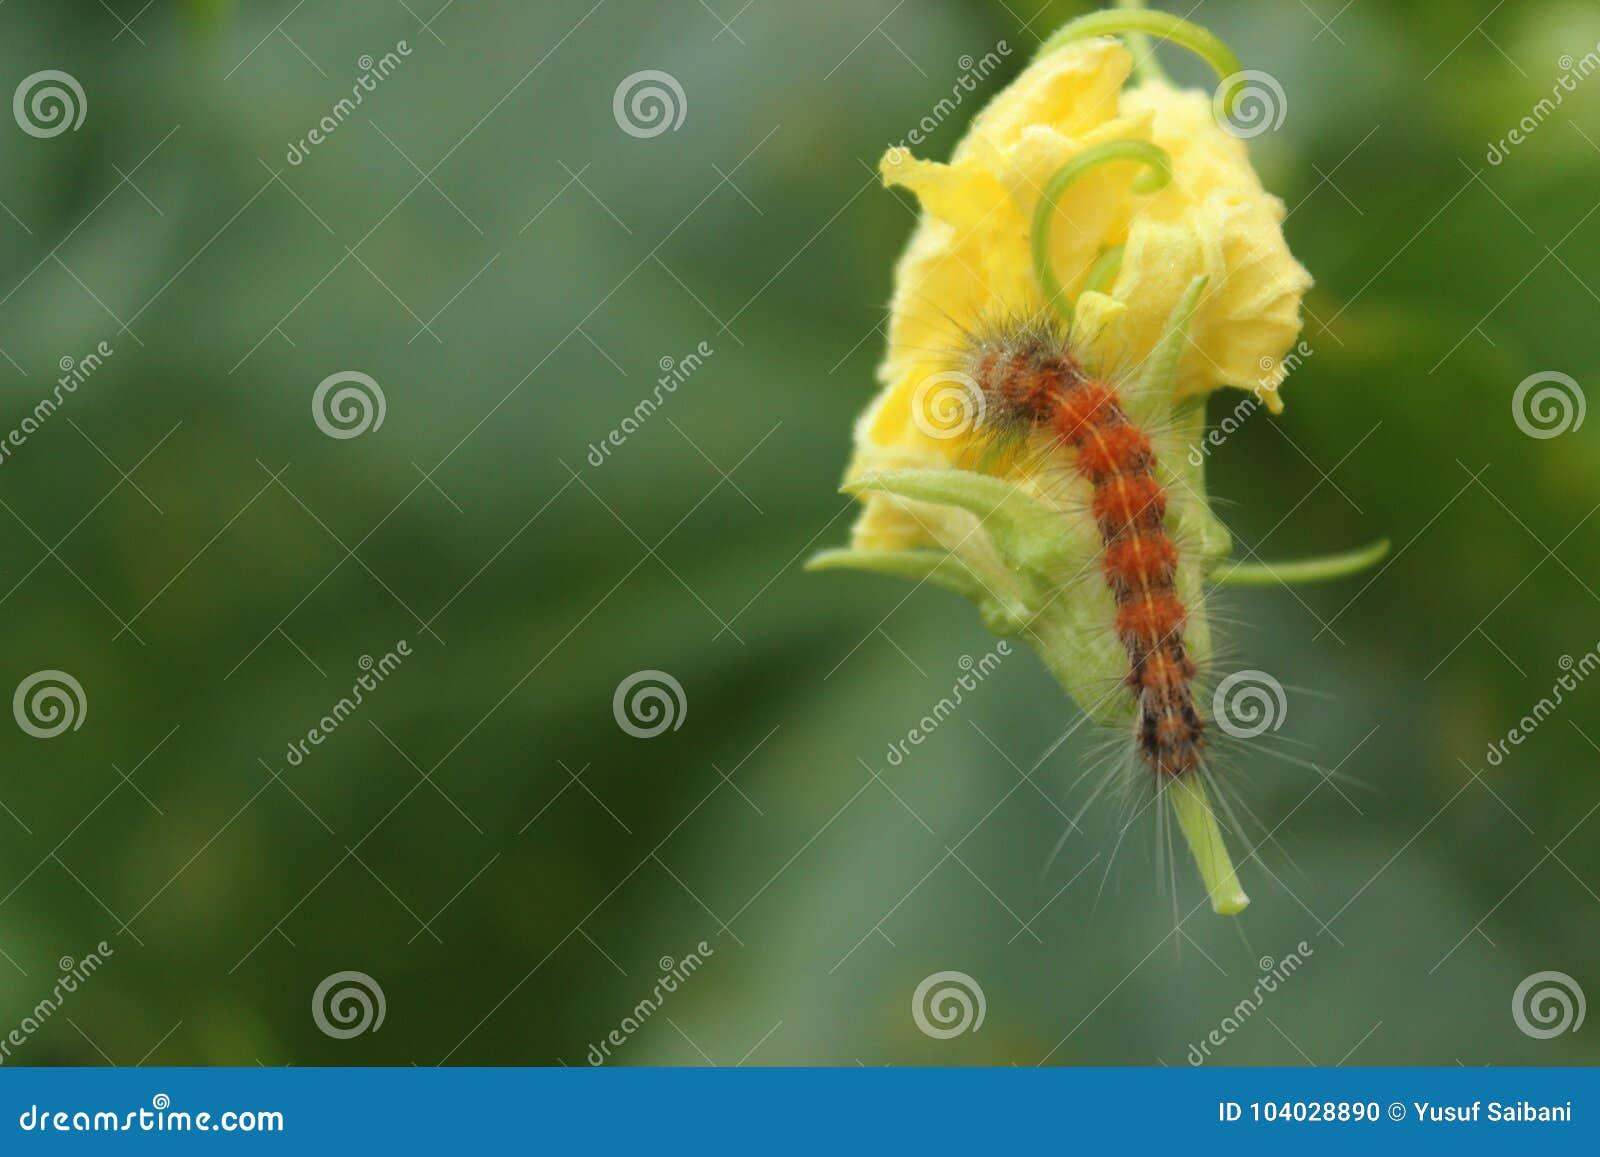 大黄色花和毛虫